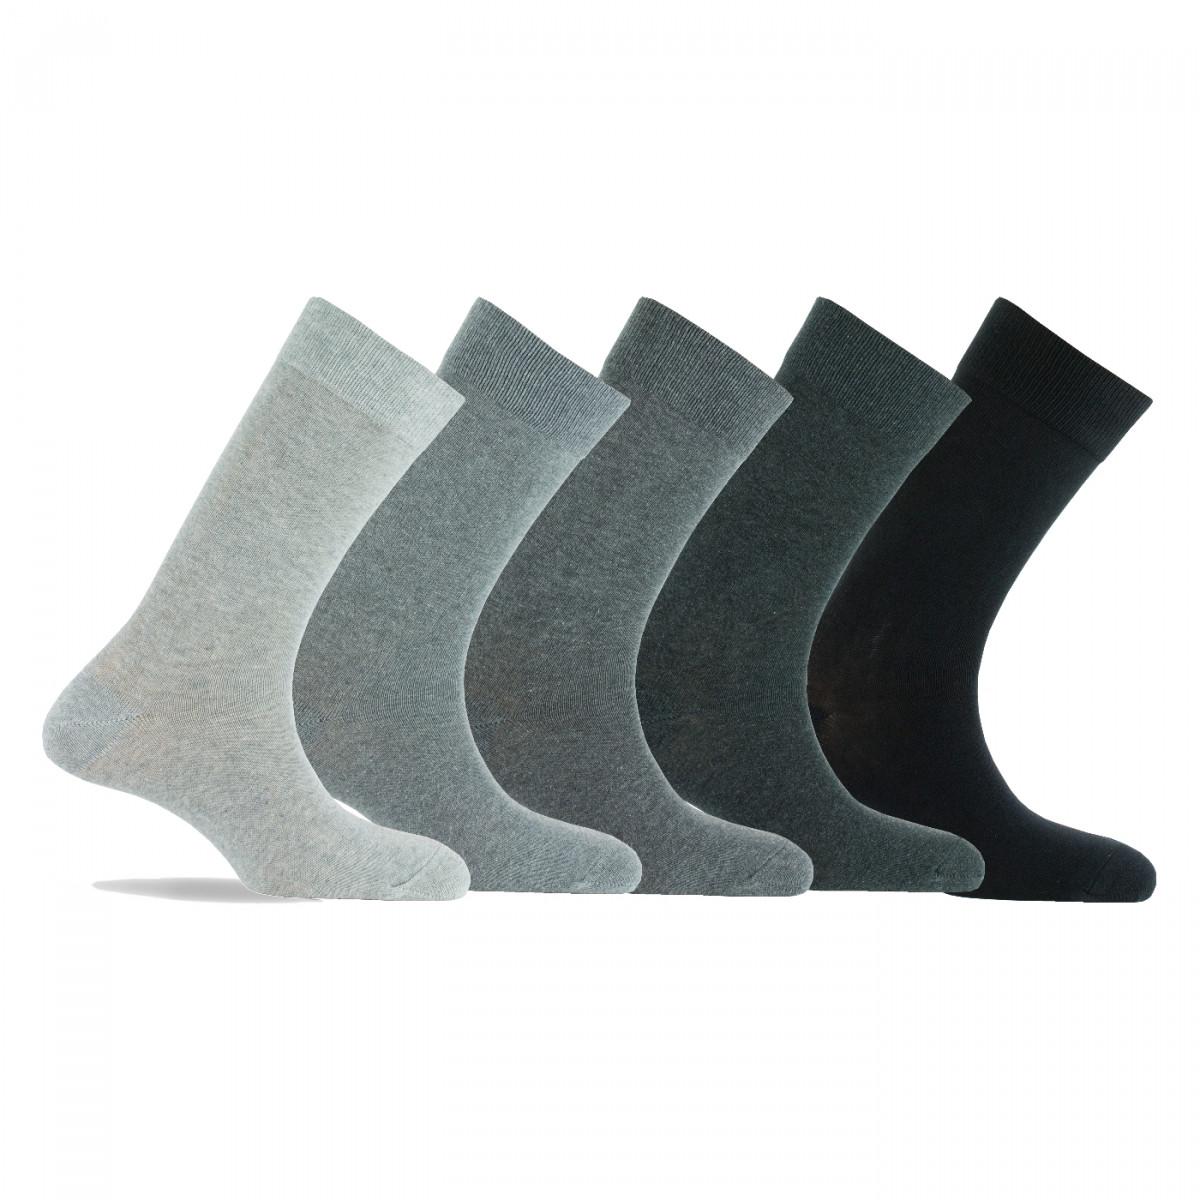 lot de 5 paires de chaussettes coton unies chaussettes. Black Bedroom Furniture Sets. Home Design Ideas